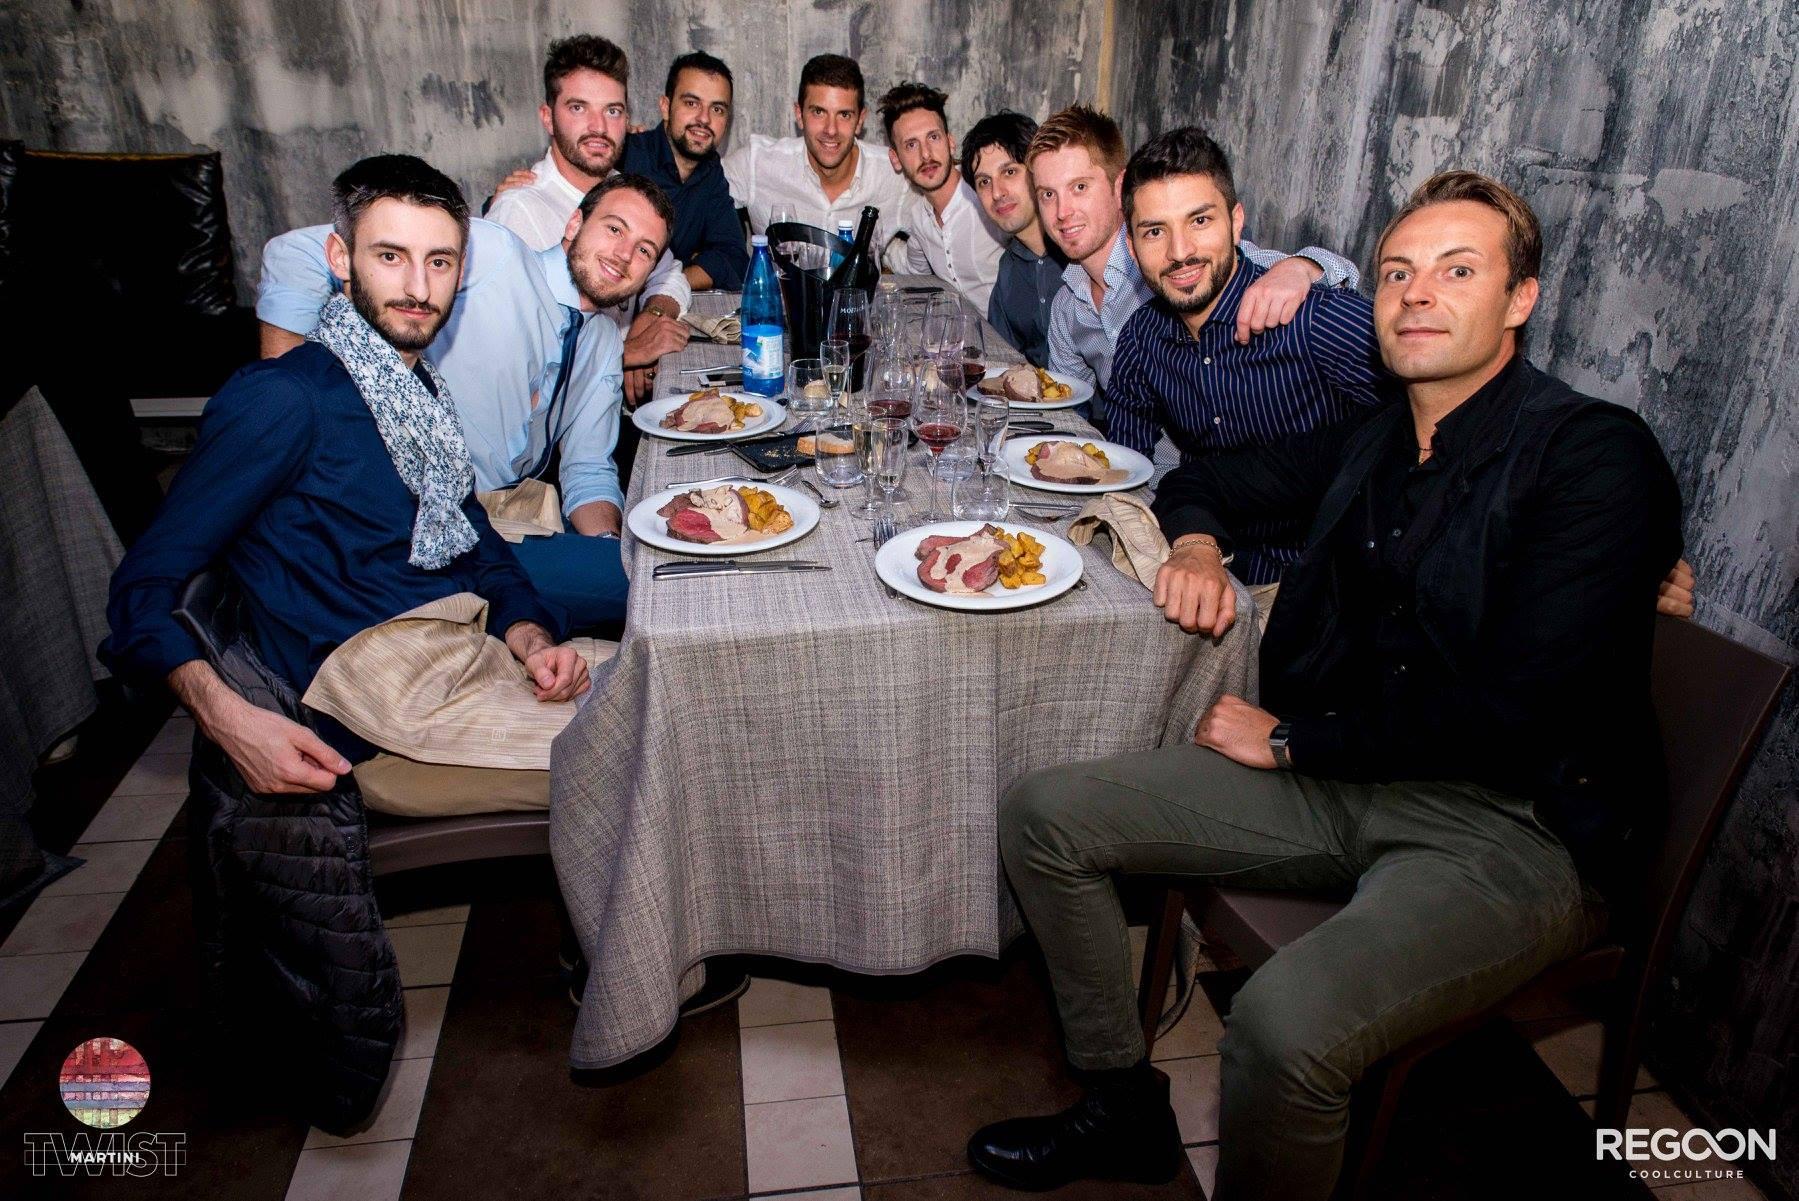 Capodanno Terrazza Twist Martini Firenze - Feste | Capodanno Firenze ...